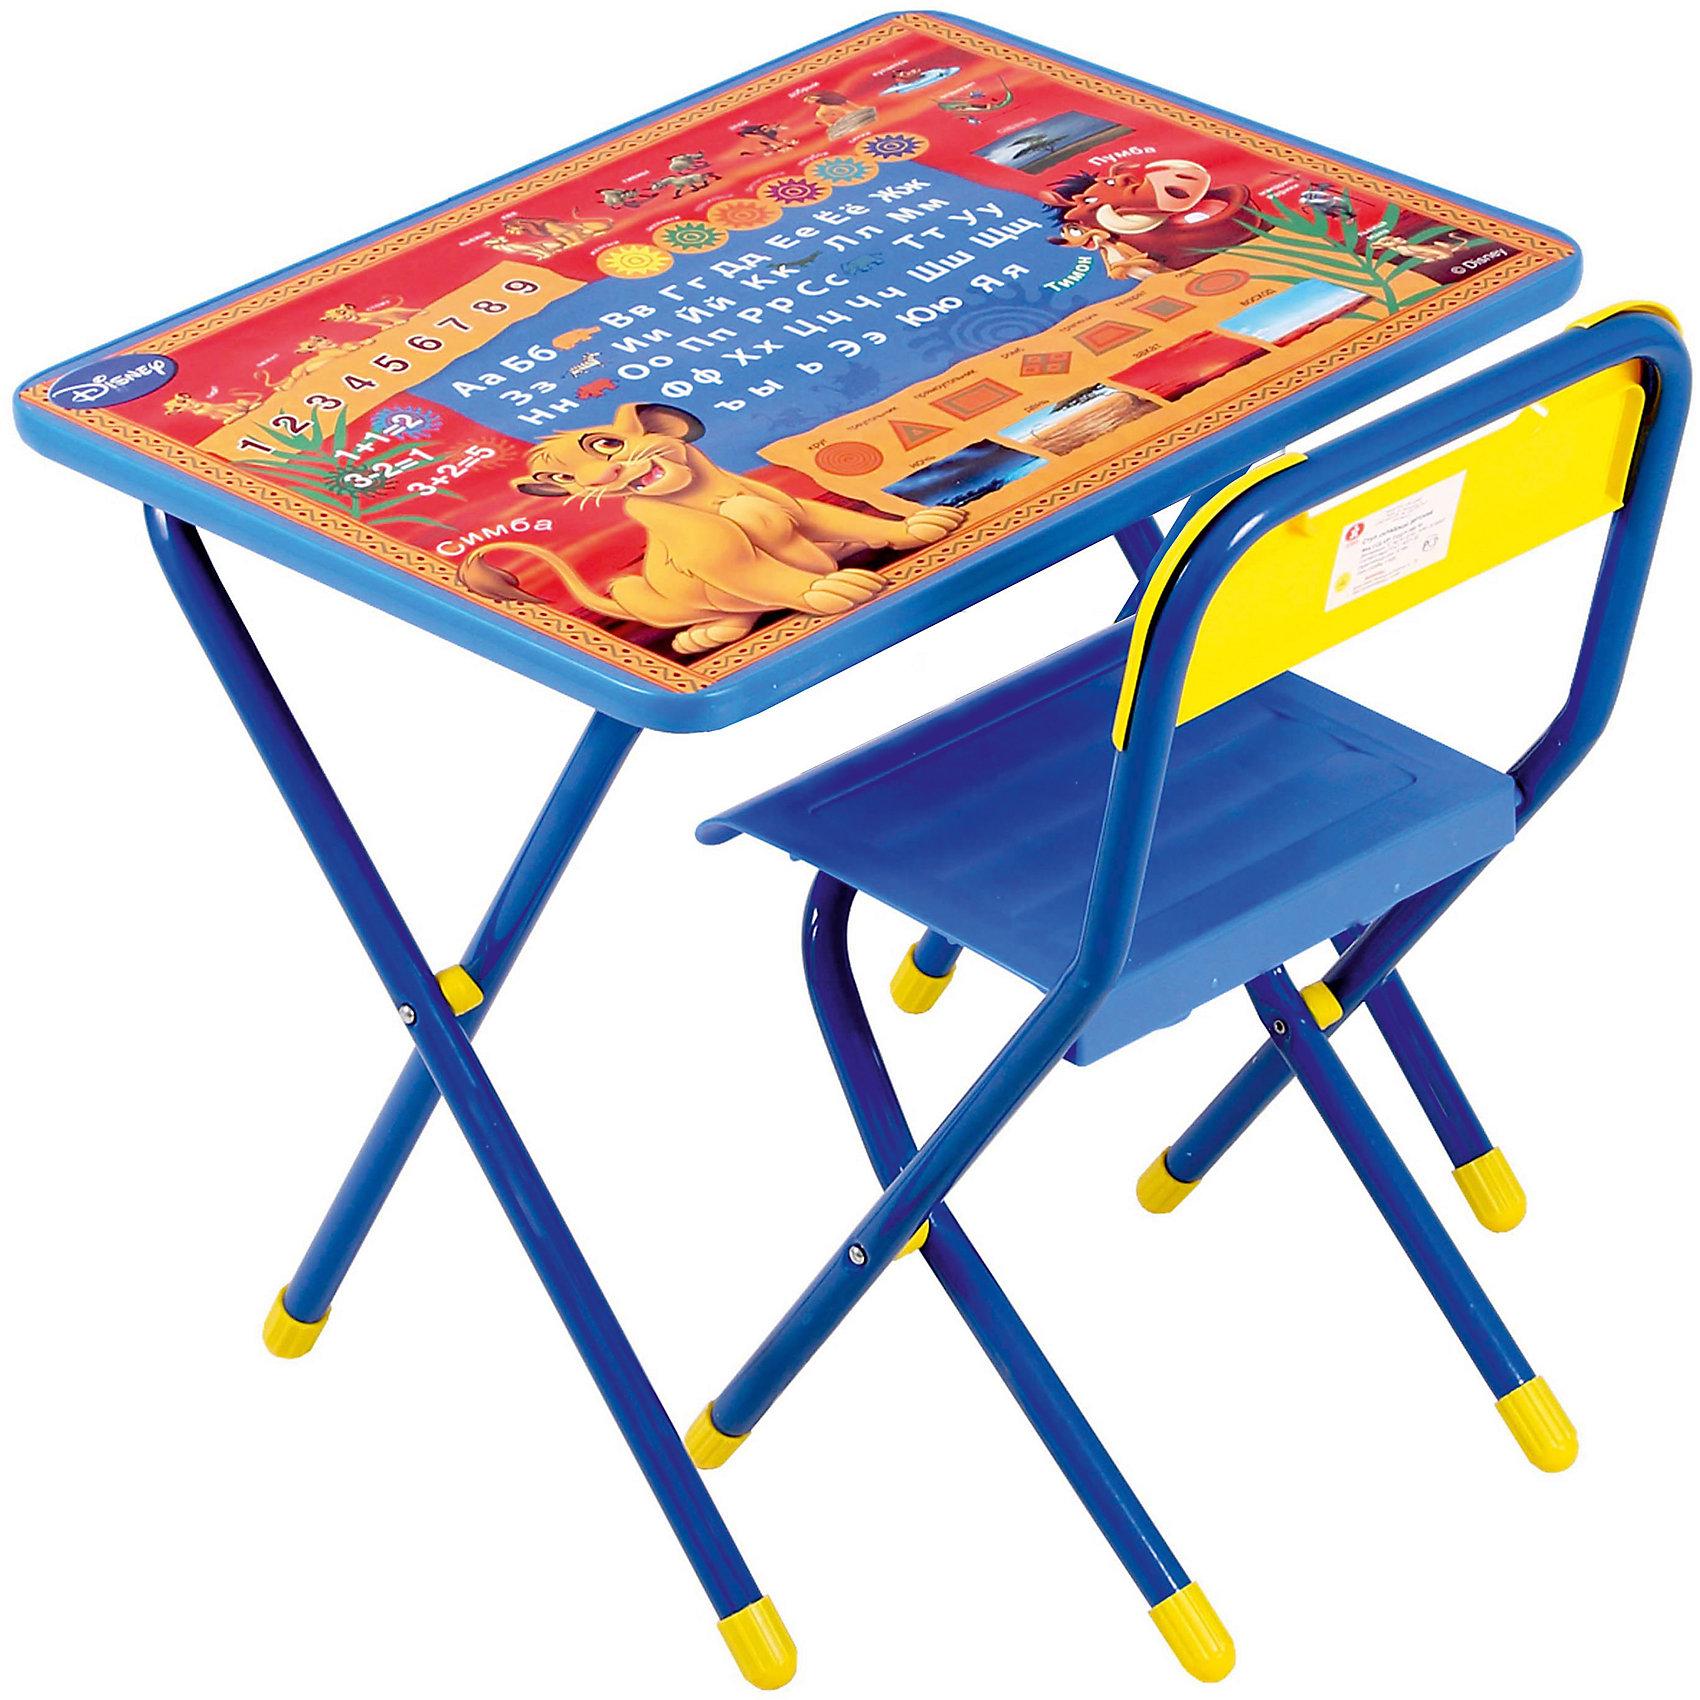 Набор мебели Тимон и Пумба (2-5 лет), Король Лев, синийНабор состоит из стола и стульчика, и идеально подходит для организации детских игр и занятий, как в дошкольных учреждениях, так и для домашнего использования. <br>Поверхность столешницы ламинированная, ее легко мыть и чистить. На столешницу нанесен яркий, красивый обучающий рисунок, позволяющий Вашему ребенку познакомиться с миром букв и цифр. После занятий при необходимости его можно сложить и убрать, что позволяет использовать его даже в малогабаритных помещениях.<br><br>Дополнительная информация:<br>В набор входит боковой пенал (пластмасса).<br>Размеры столешницы - 450Х600 мм.<br>Высота до плоскости столешницы - 460 мм.<br>Высота по сиденью - 260 мм.<br>Высота верхнего края спинки - 240 мм. <br>Допустимая нагрузка на сиденье - не более 30 кг.<br><br>Набор детской мебели Тимон и Пумба, Король Лев можно купить в нашем магазине.<br><br>Ширина мм: 740<br>Глубина мм: 640<br>Высота мм: 150<br>Вес г: 8000<br>Возраст от месяцев: 24<br>Возраст до месяцев: 60<br>Пол: Унисекс<br>Возраст: Детский<br>SKU: 3808410